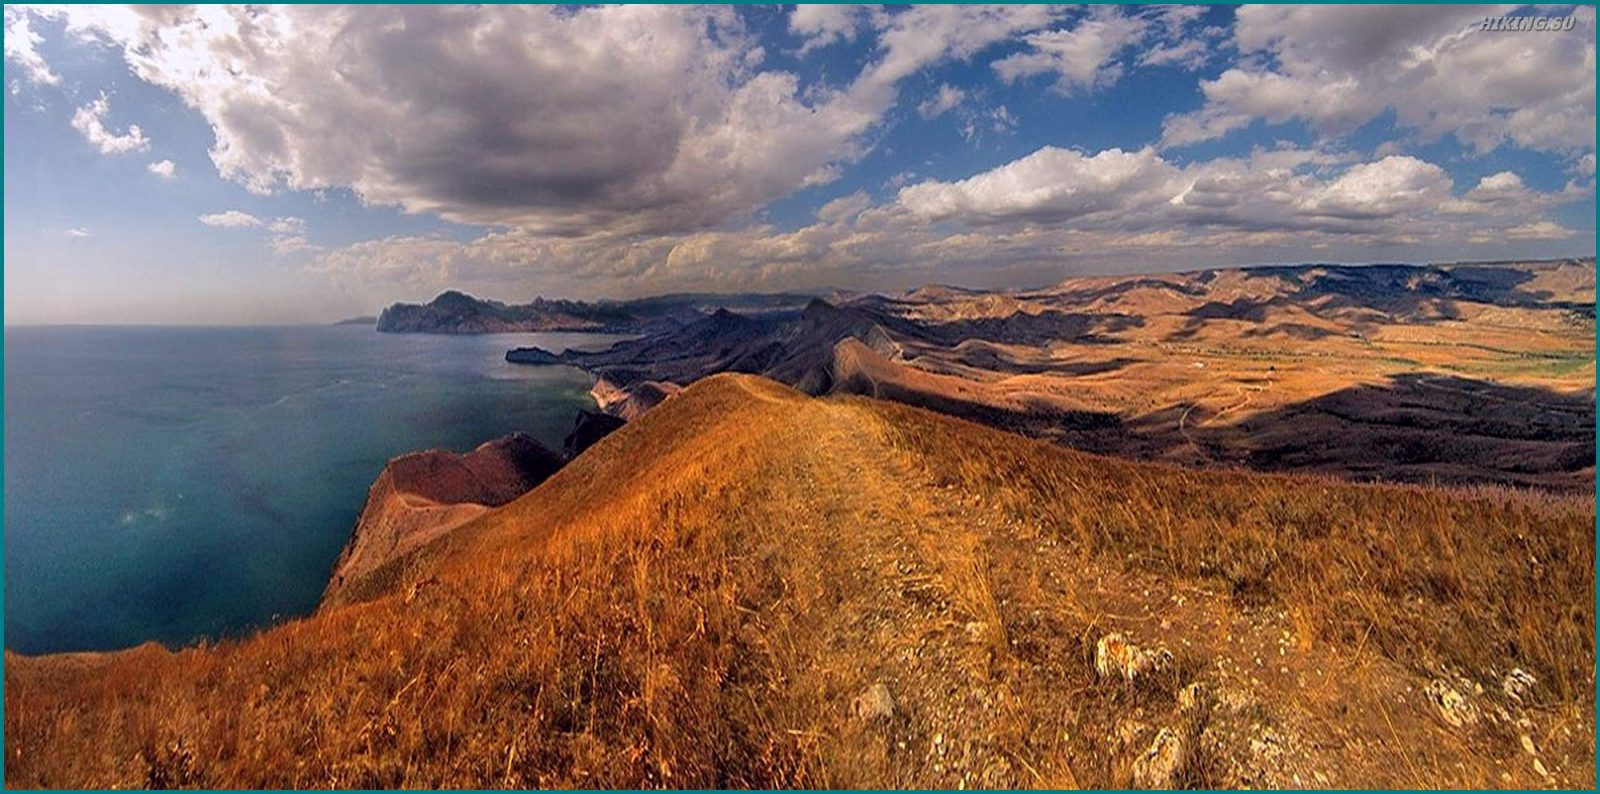 Фото 3 к описанию маршрута Киммерия без Палаток. Коктебель и Карадаг и солнце сквозь тучи